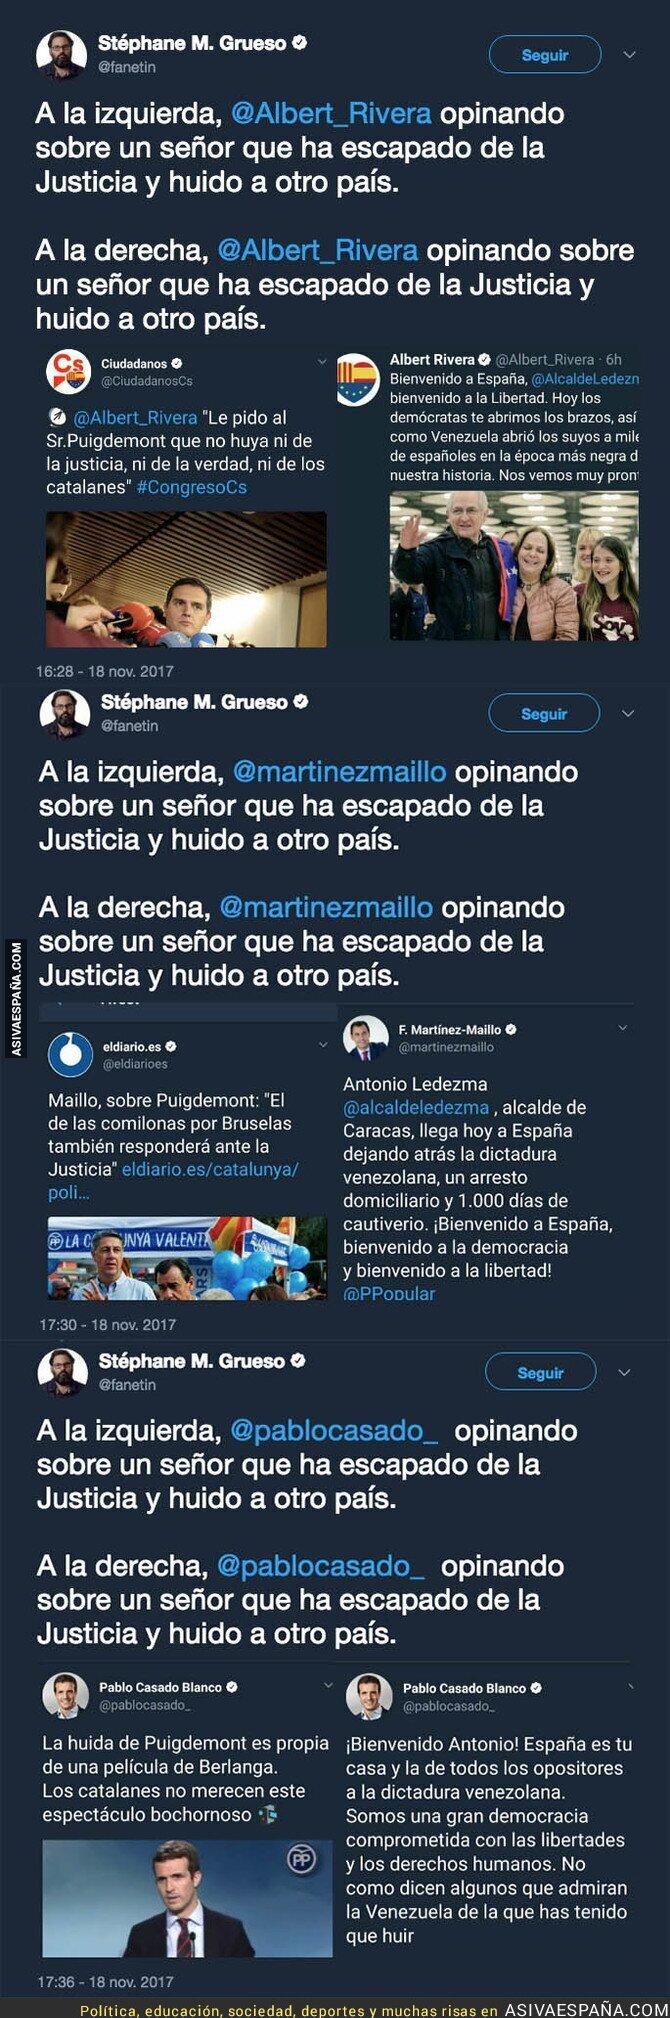 79013 - Los diferentes mensajes de políticos ante la huída de Puigdemont de Catalunya y Antonio Ledezma de Venezuela